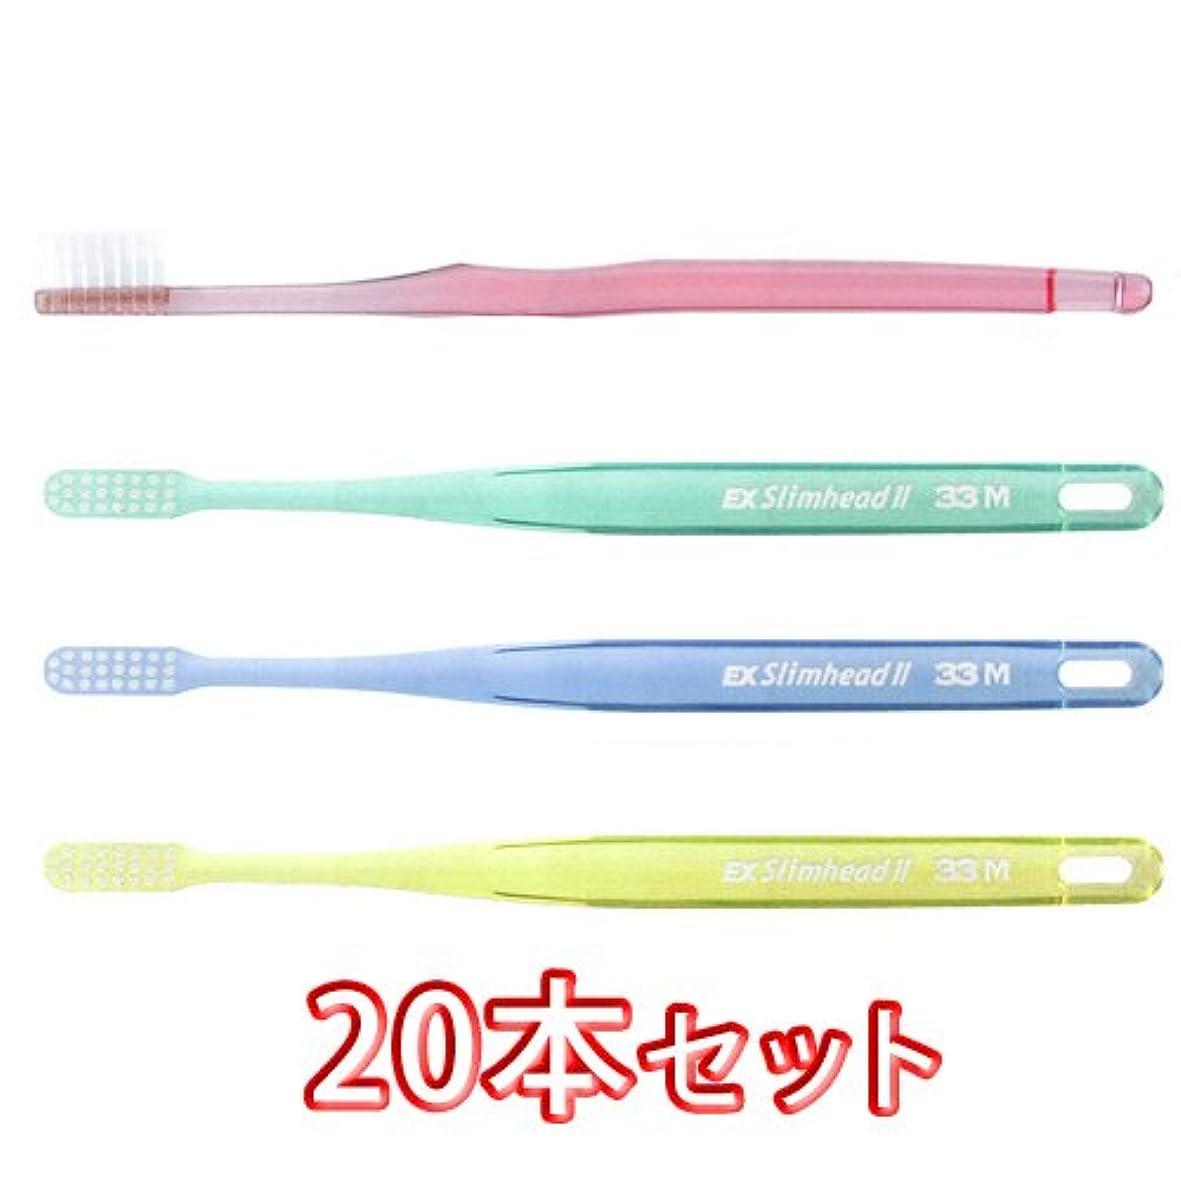 イディオム猛烈な吐くライオン スリムヘッド2 歯ブラシ DENT . EX Slimhead2 20本入 (33M)